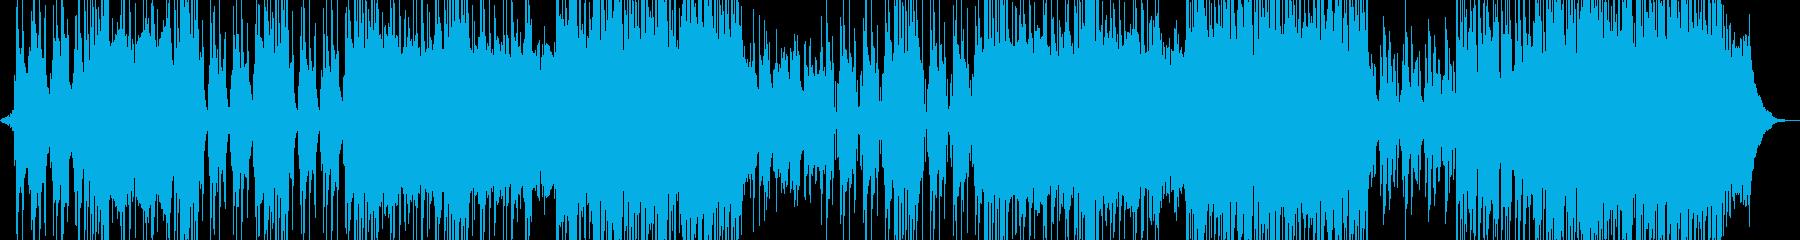 スリラーシンセ・ホラーなR&B ホルン無の再生済みの波形